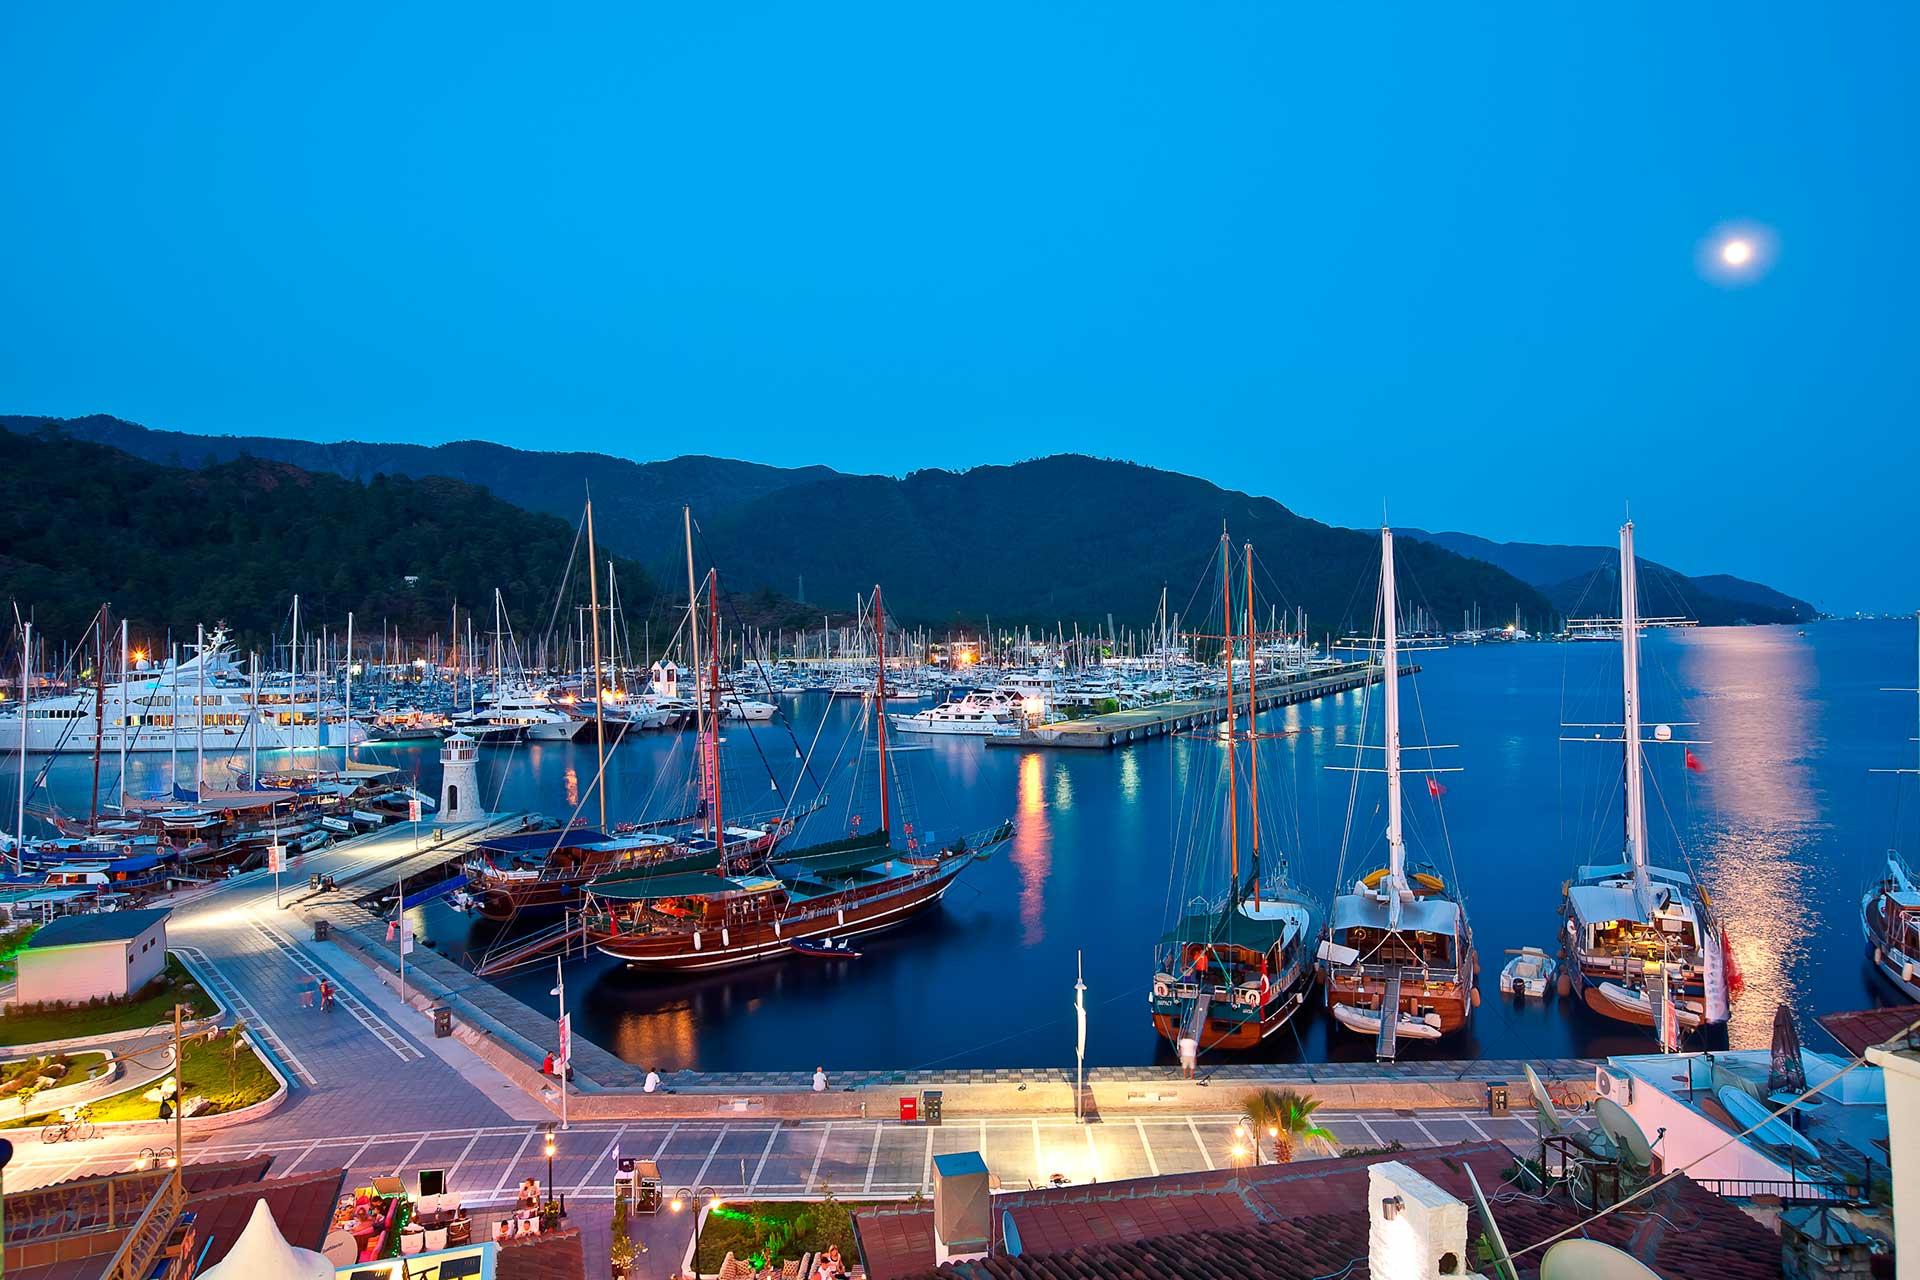 Alquiler de yate privado en Turquía